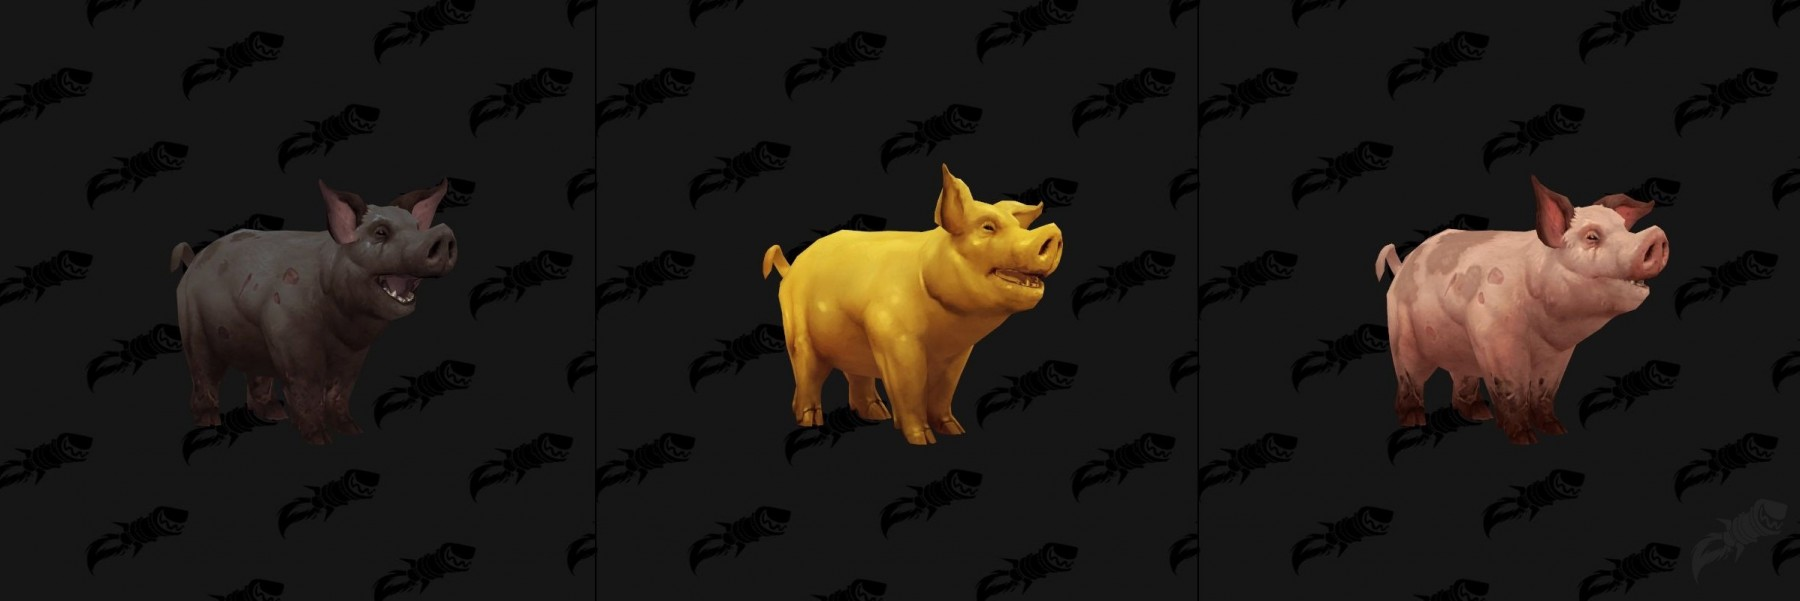 Différents coloris pour le cochon à Battle for Azeroth